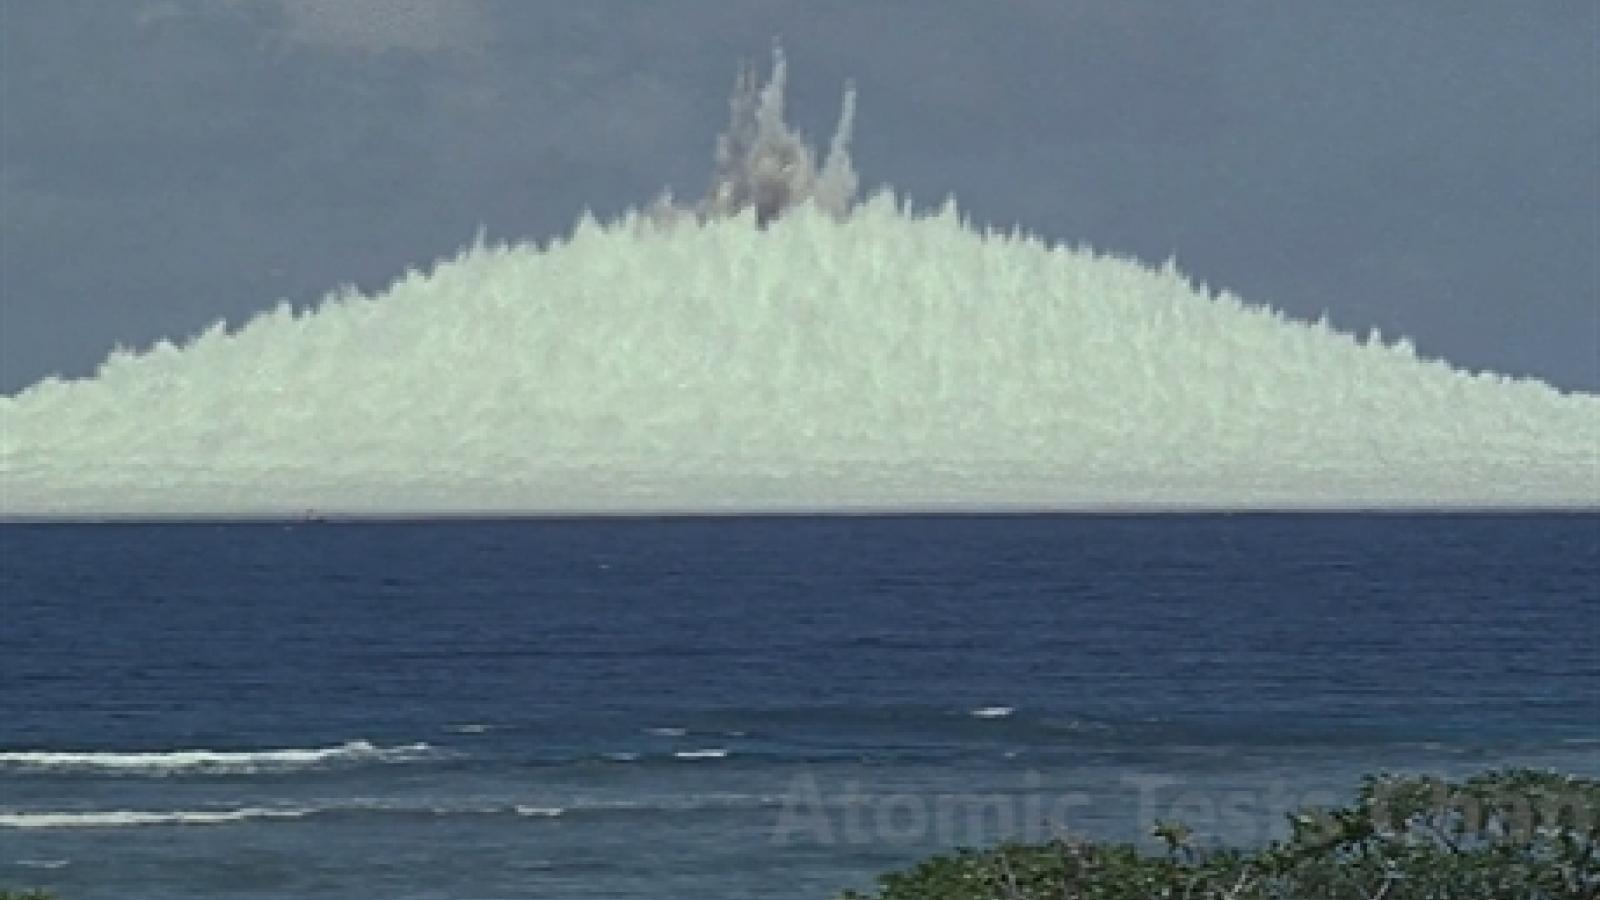 Cảnh tượng khủng khiếp về vụ thử hạt nhân Wahoo, tạo bức tường nước cao hơn 800m